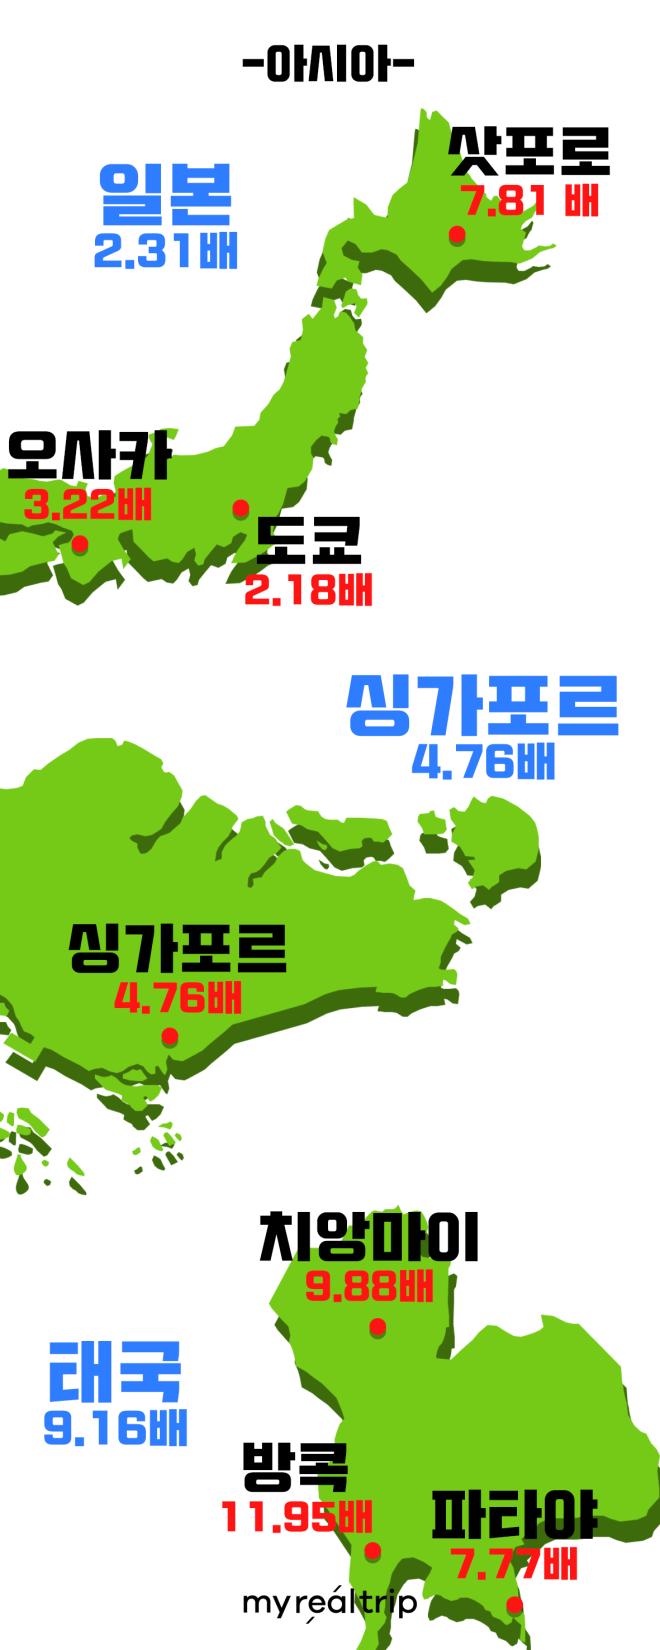 대륙별 예약수 성장순위 - 아시아 -3